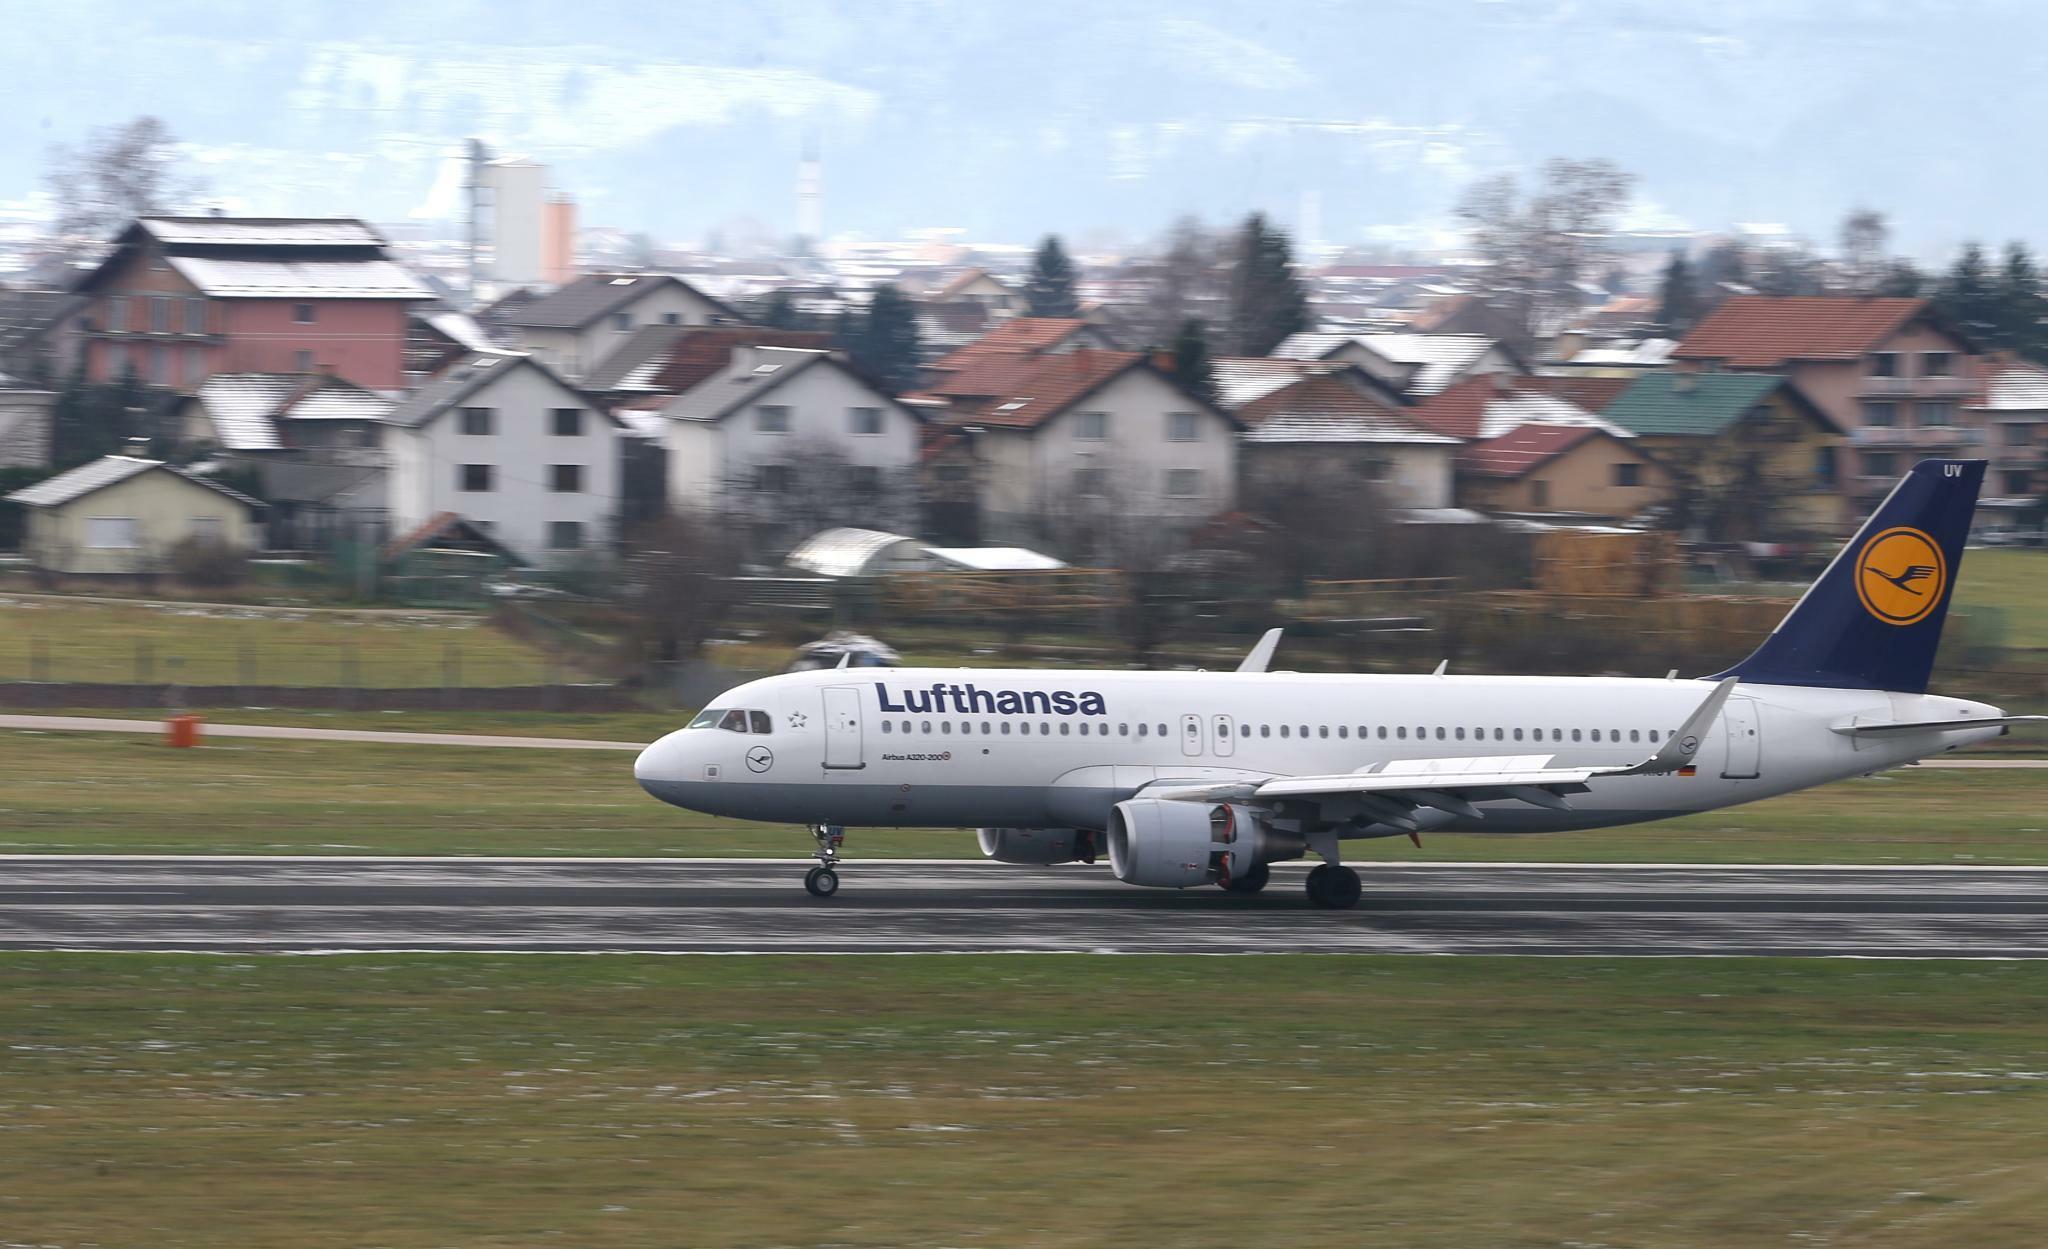 Die Lufthansa muss den Umbau konsequent vollziehen